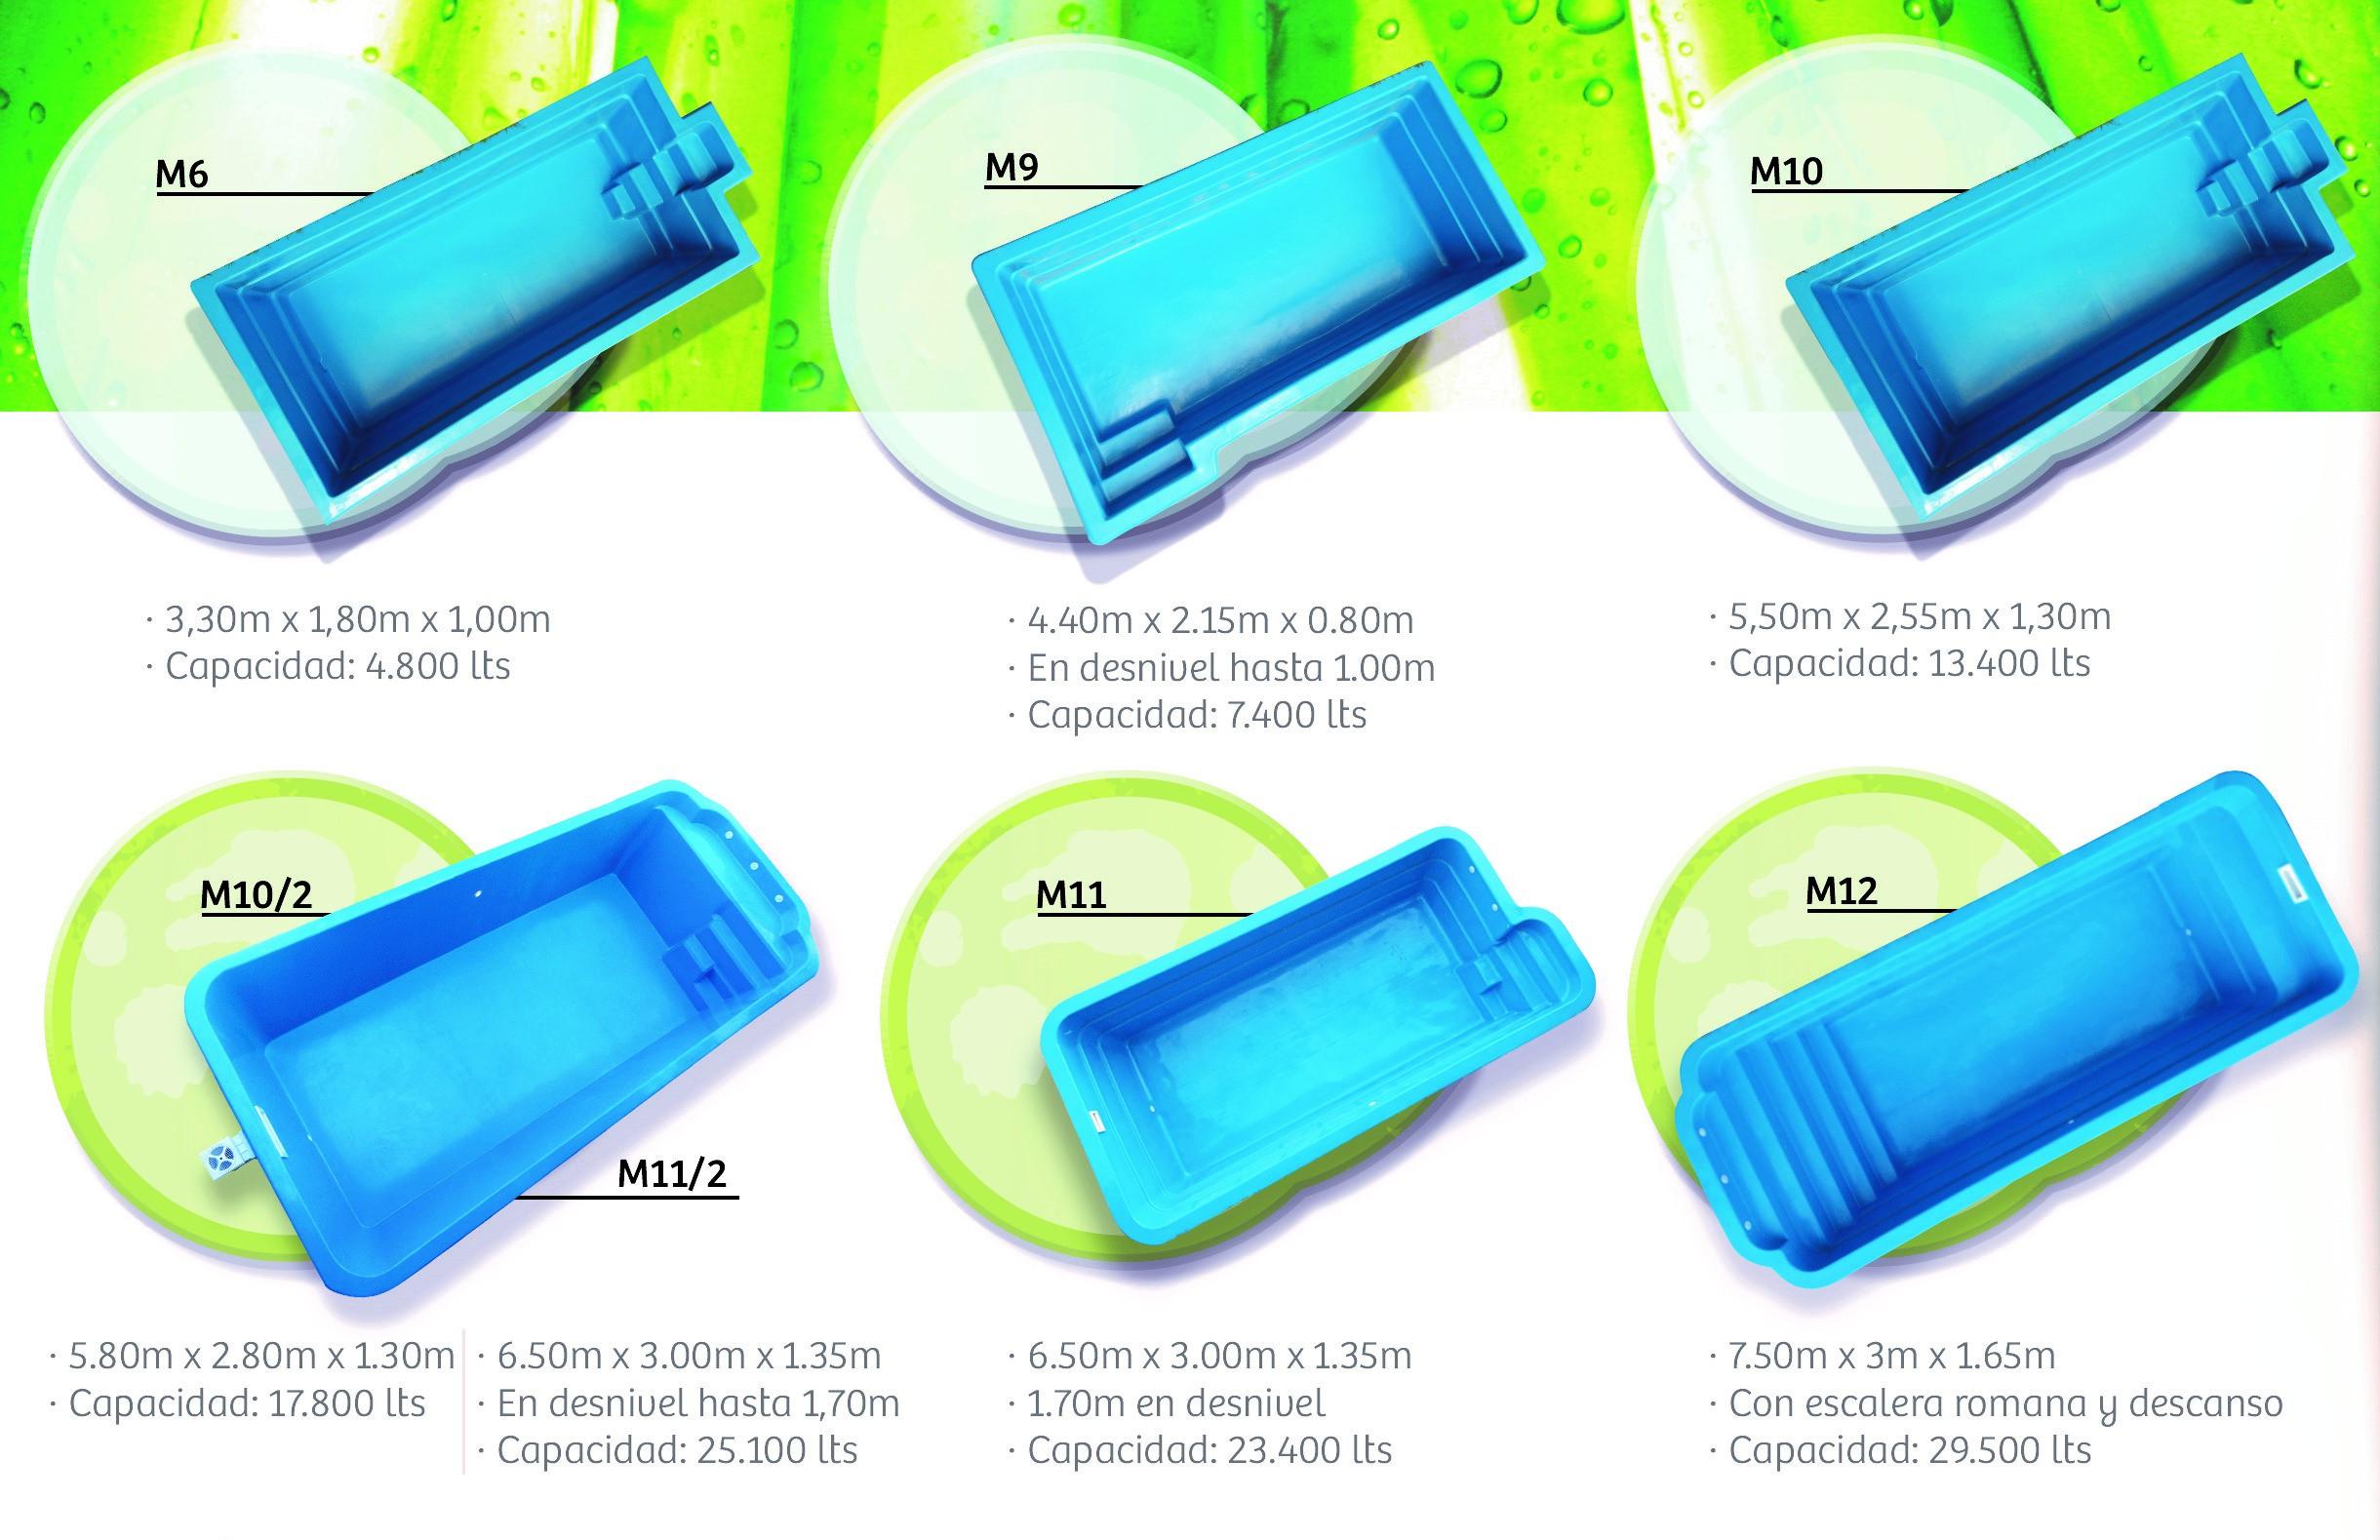 Modelos de piletas de fibra for Piscinas de fibra de vidrio medidas